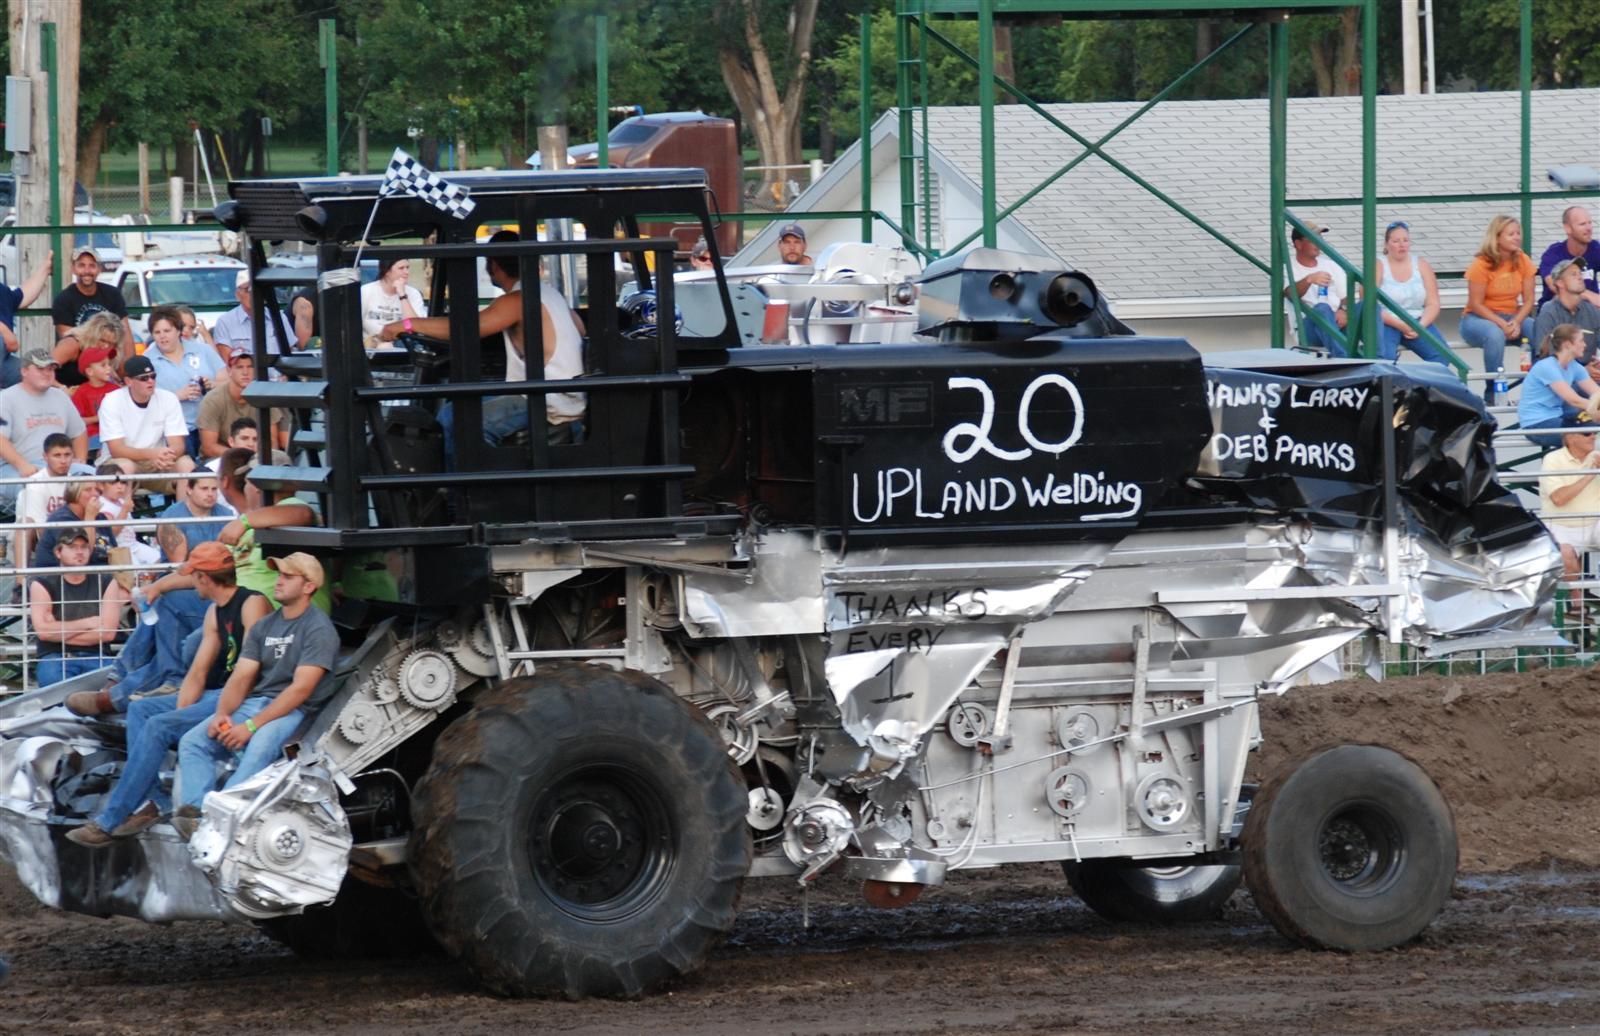 Car Manufacturers Derby Mail: File:Derby Combine Harvester.jpg